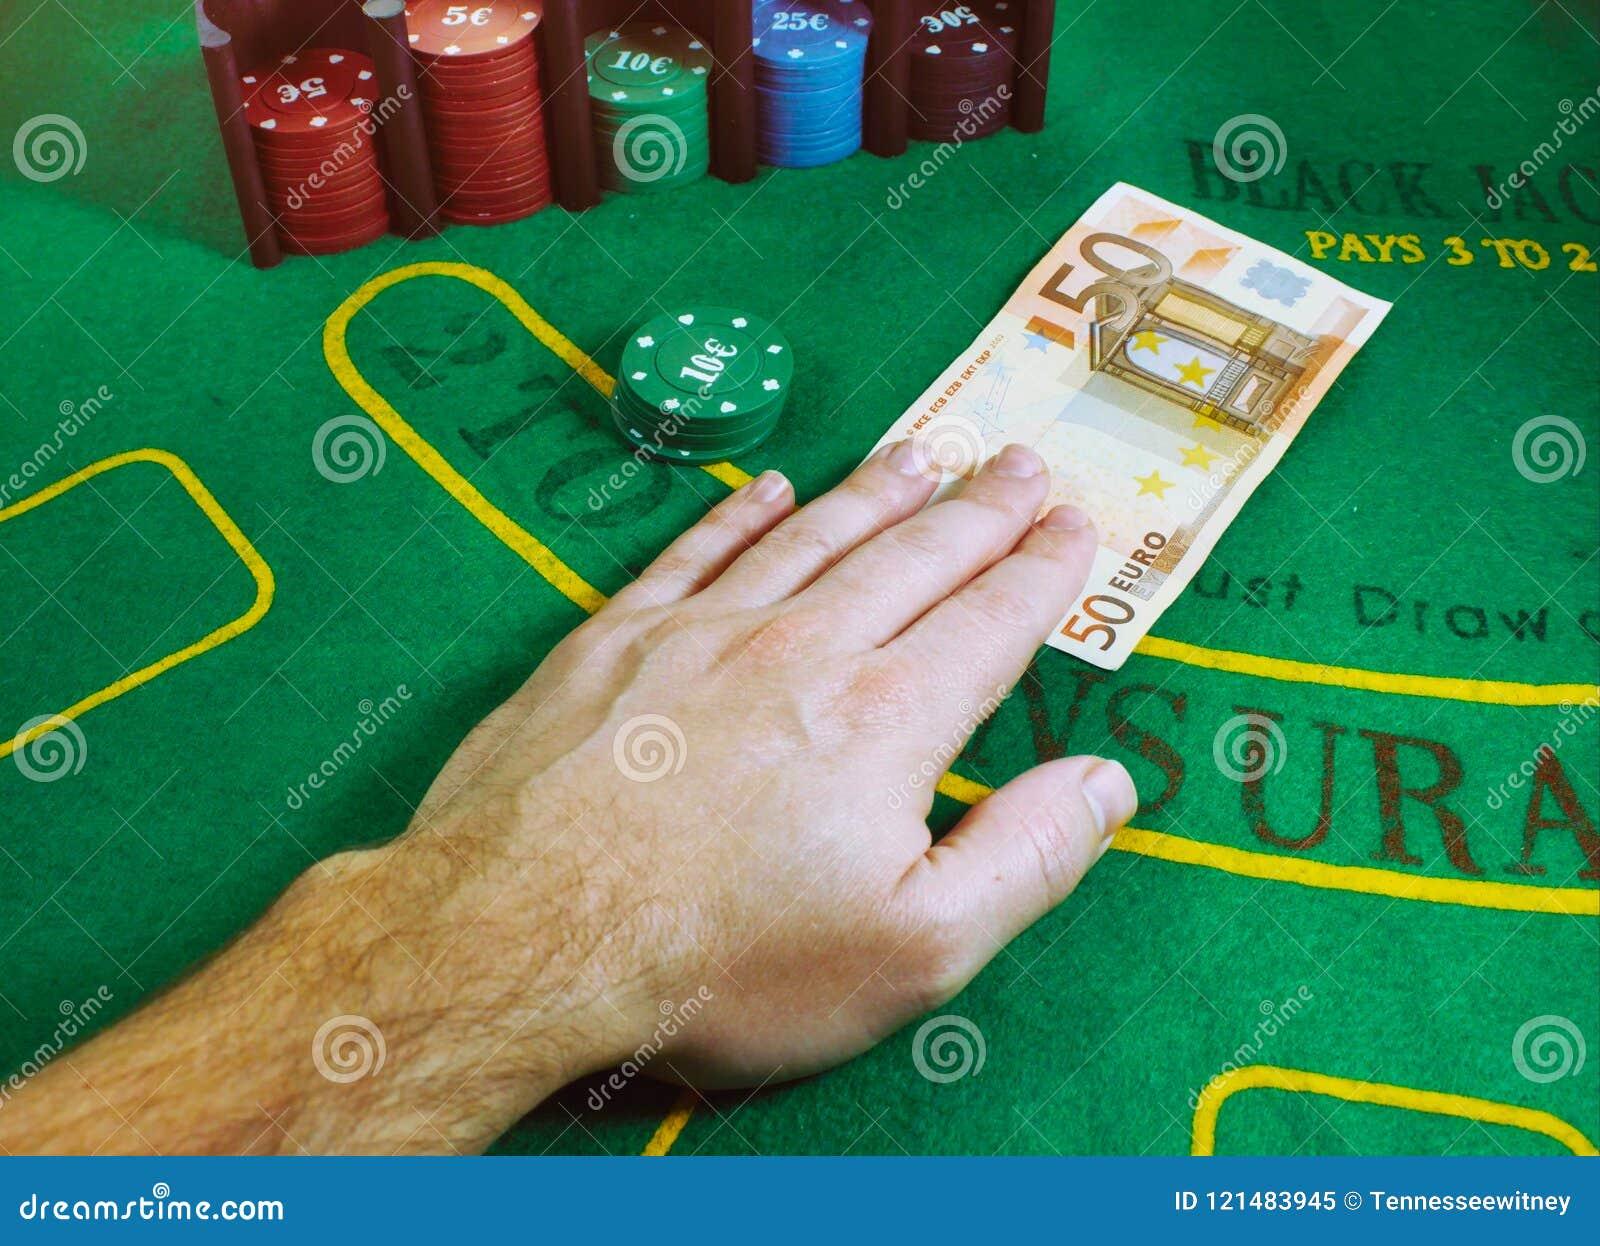 salzburg casino jga